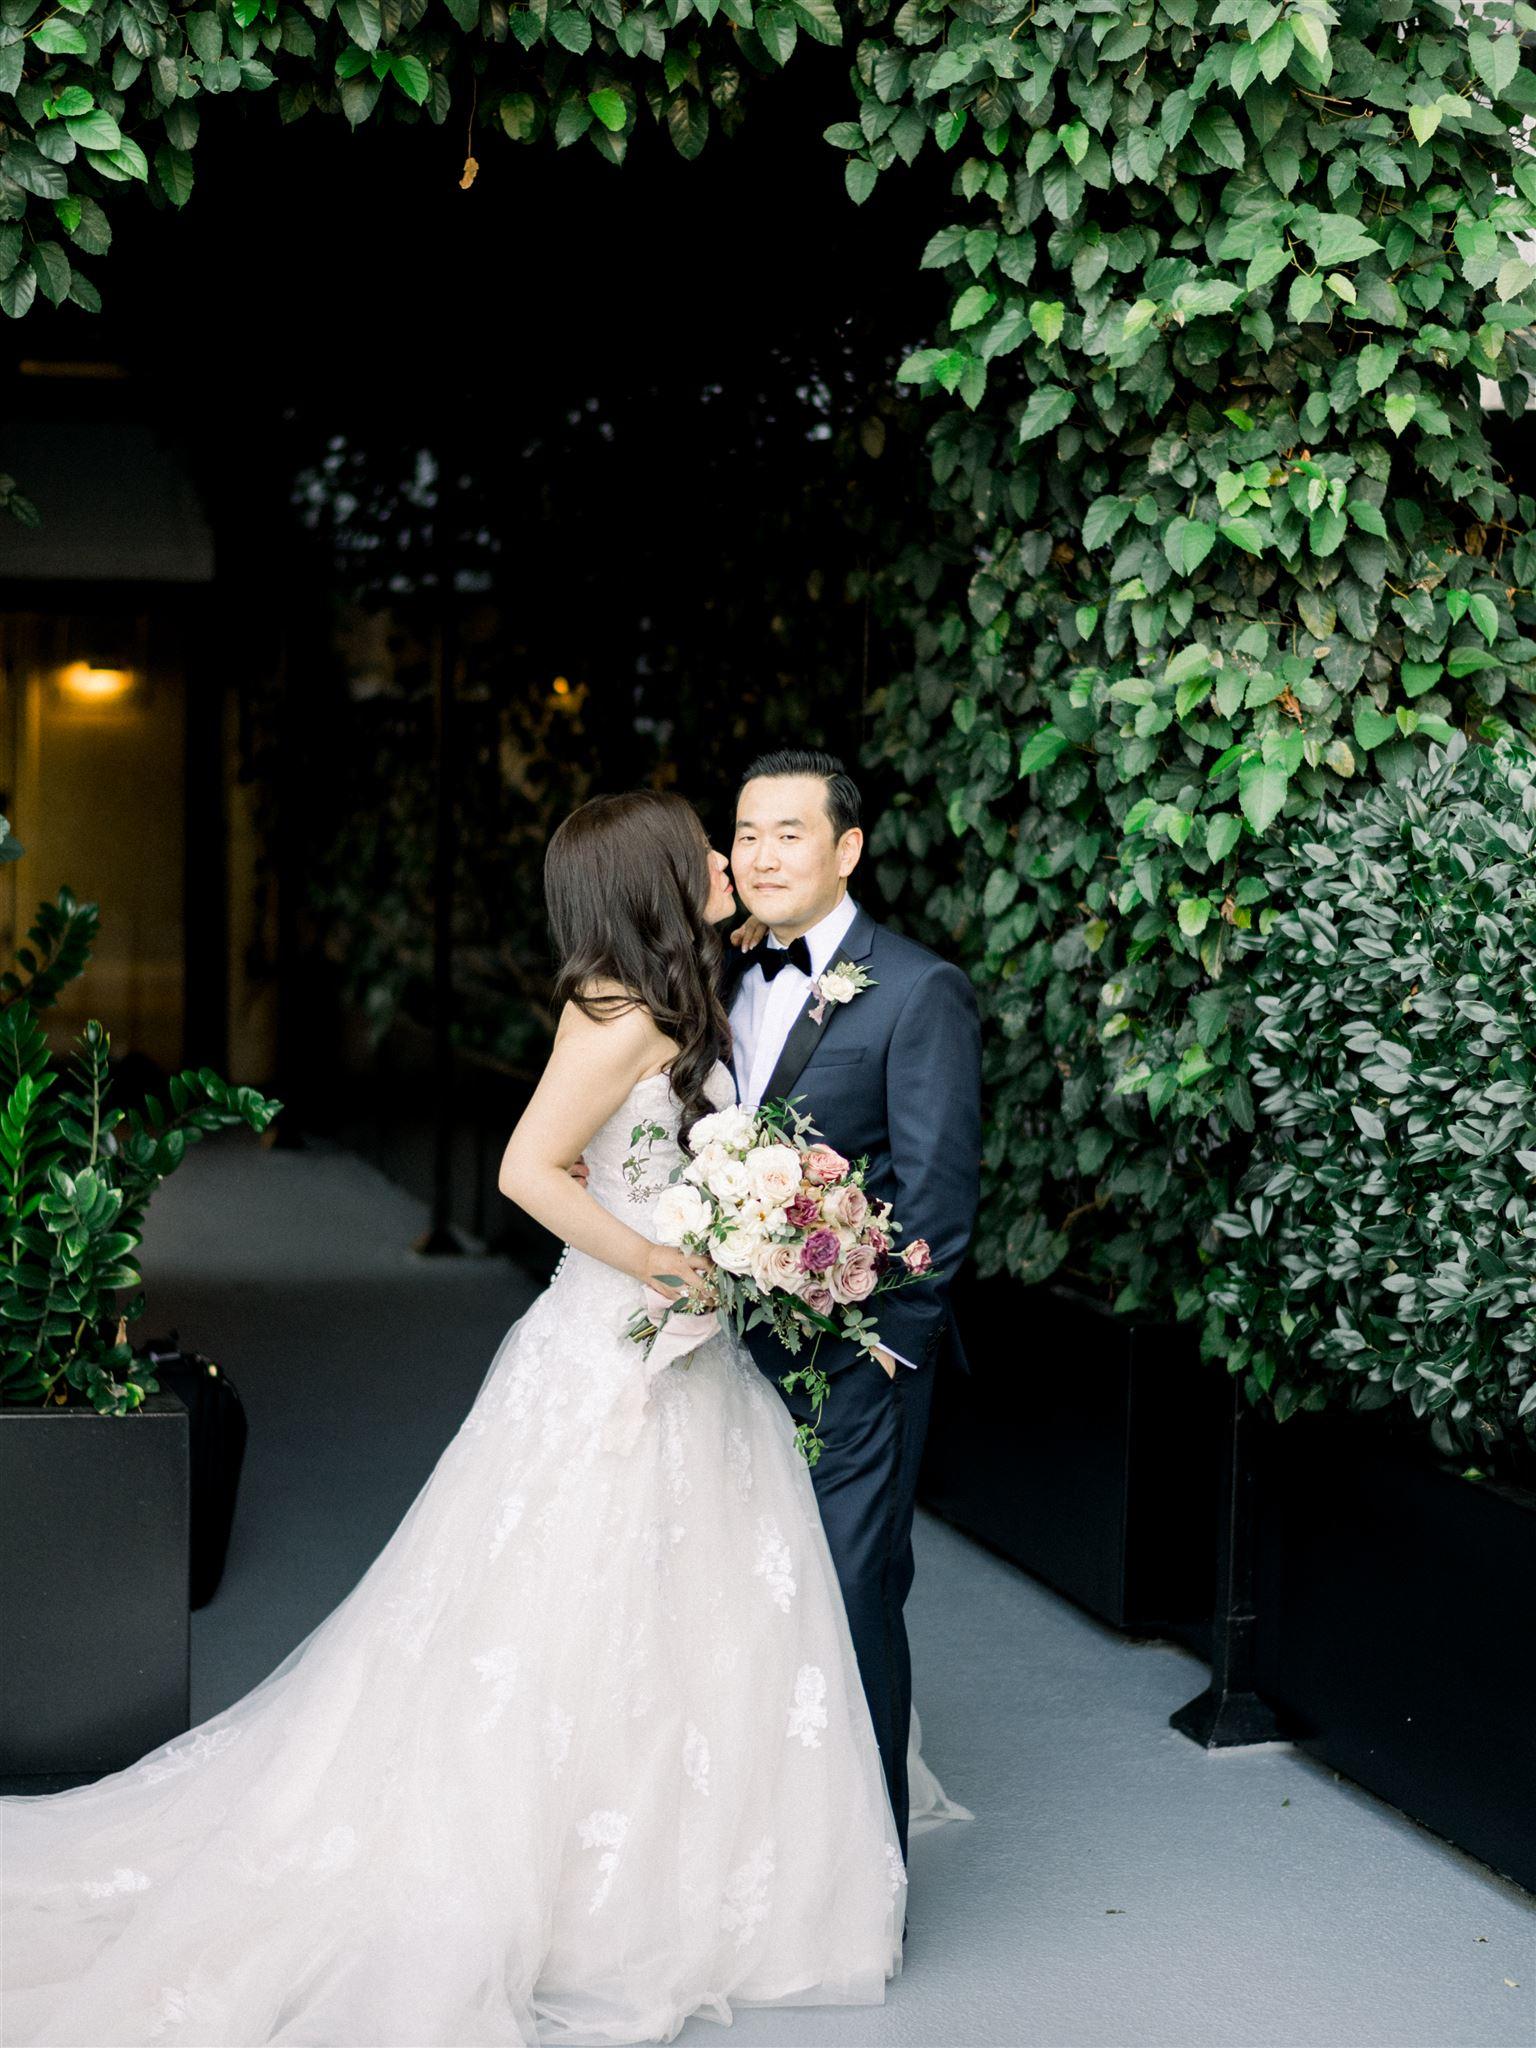 margaretandjames-wedding-255_websize.jpg